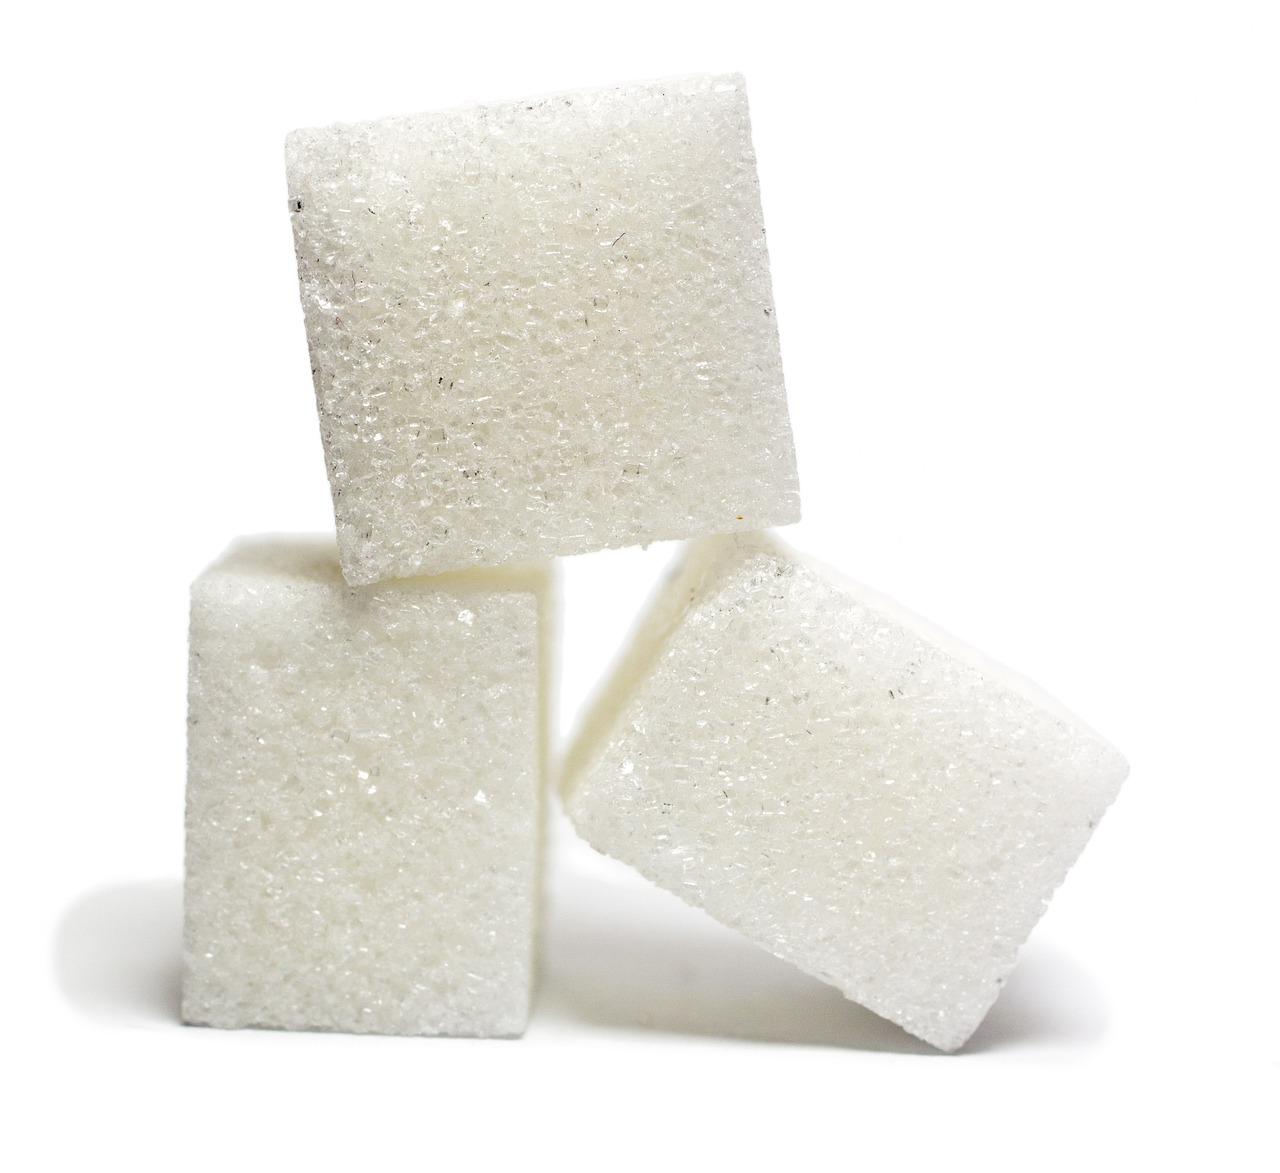 Bitsocker, Socker, Kuber, White, Söt, Candy